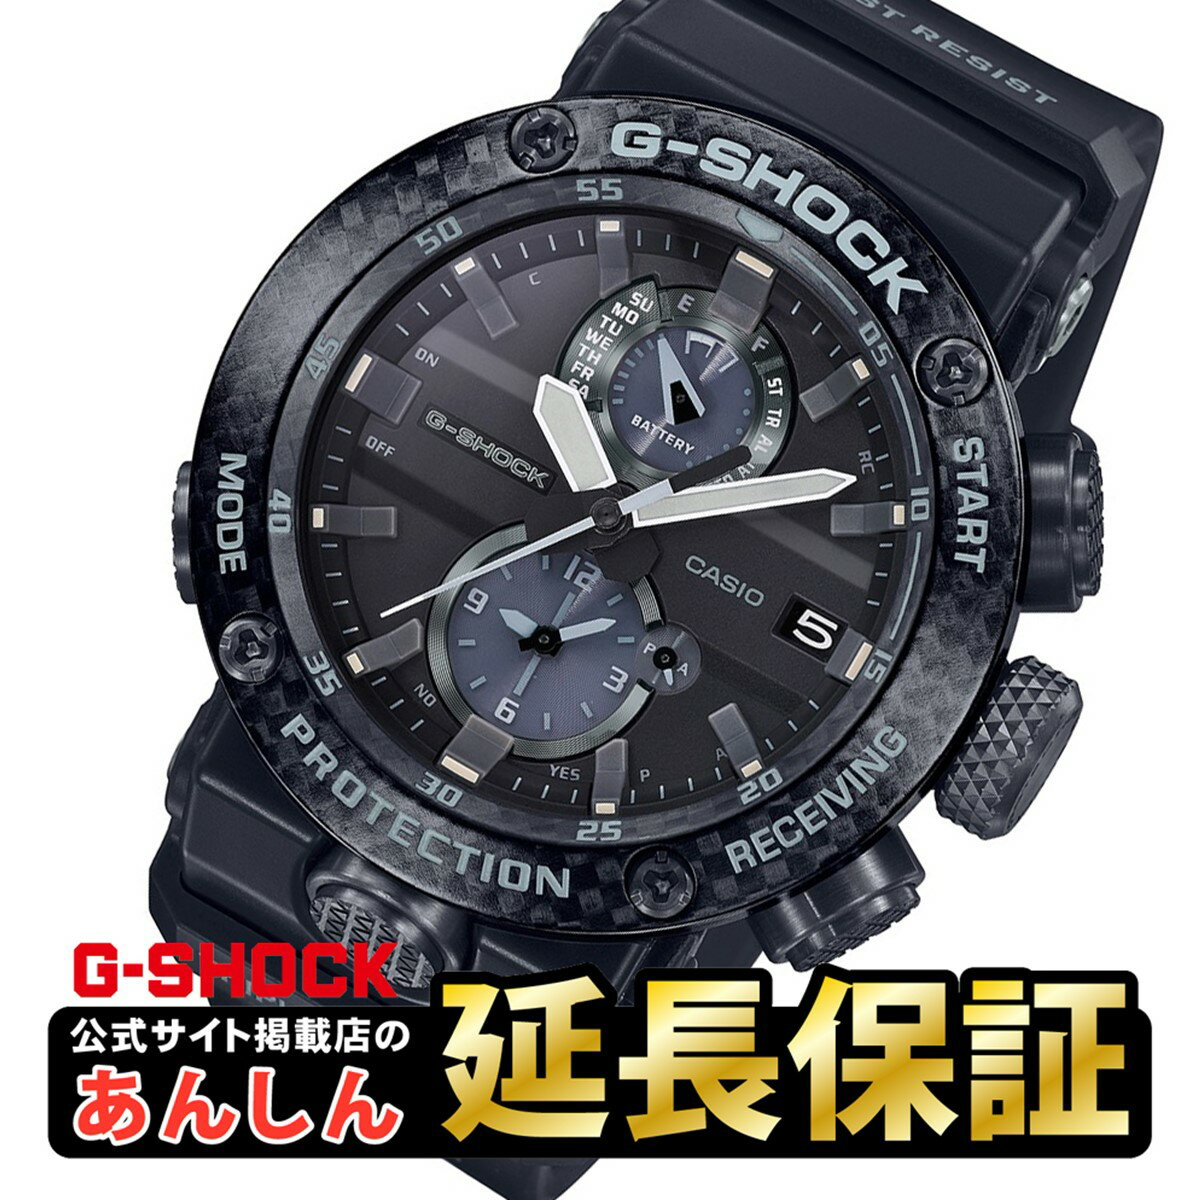 【令和記念ボックス付き】カシオ G-SHOCK Gショック GWR-B1000-1AJF グラビティマスター カーボンコアガード構造 × Bluetooth搭載 電波ソーラー メンズ 腕時計 CASIO マスターオブG 【0319】_10spl